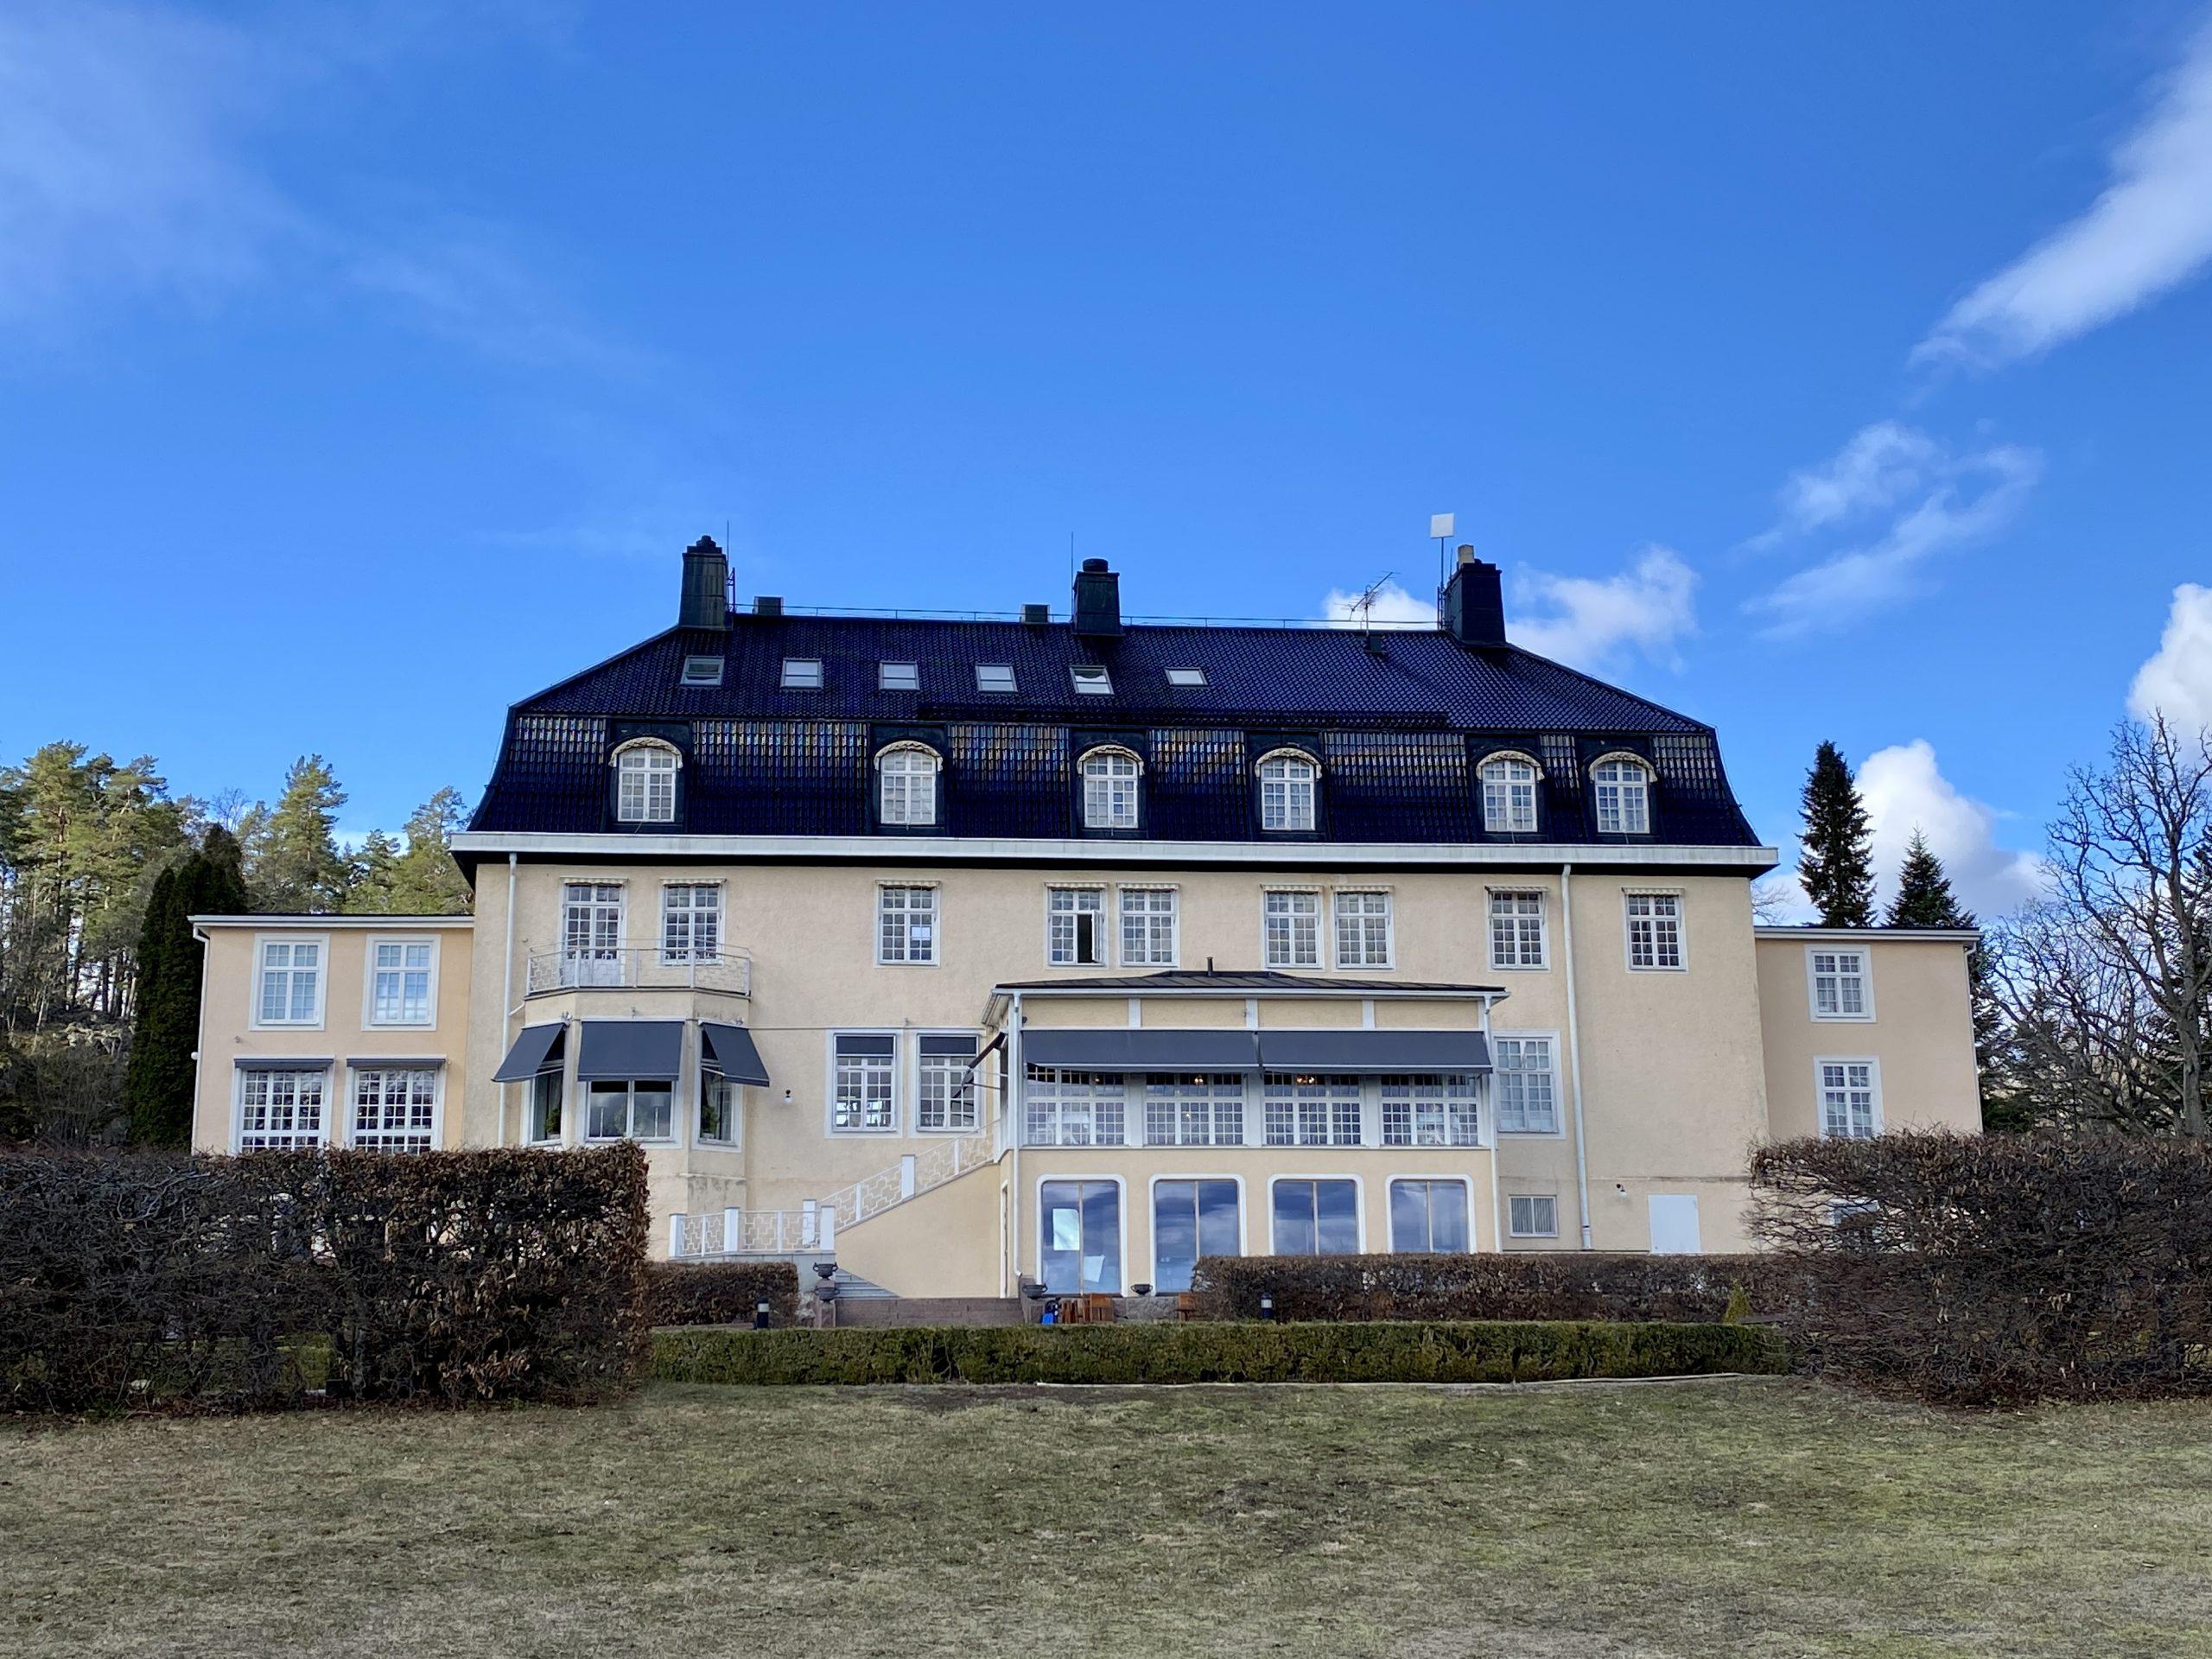 Villa Fridhem check in kontor